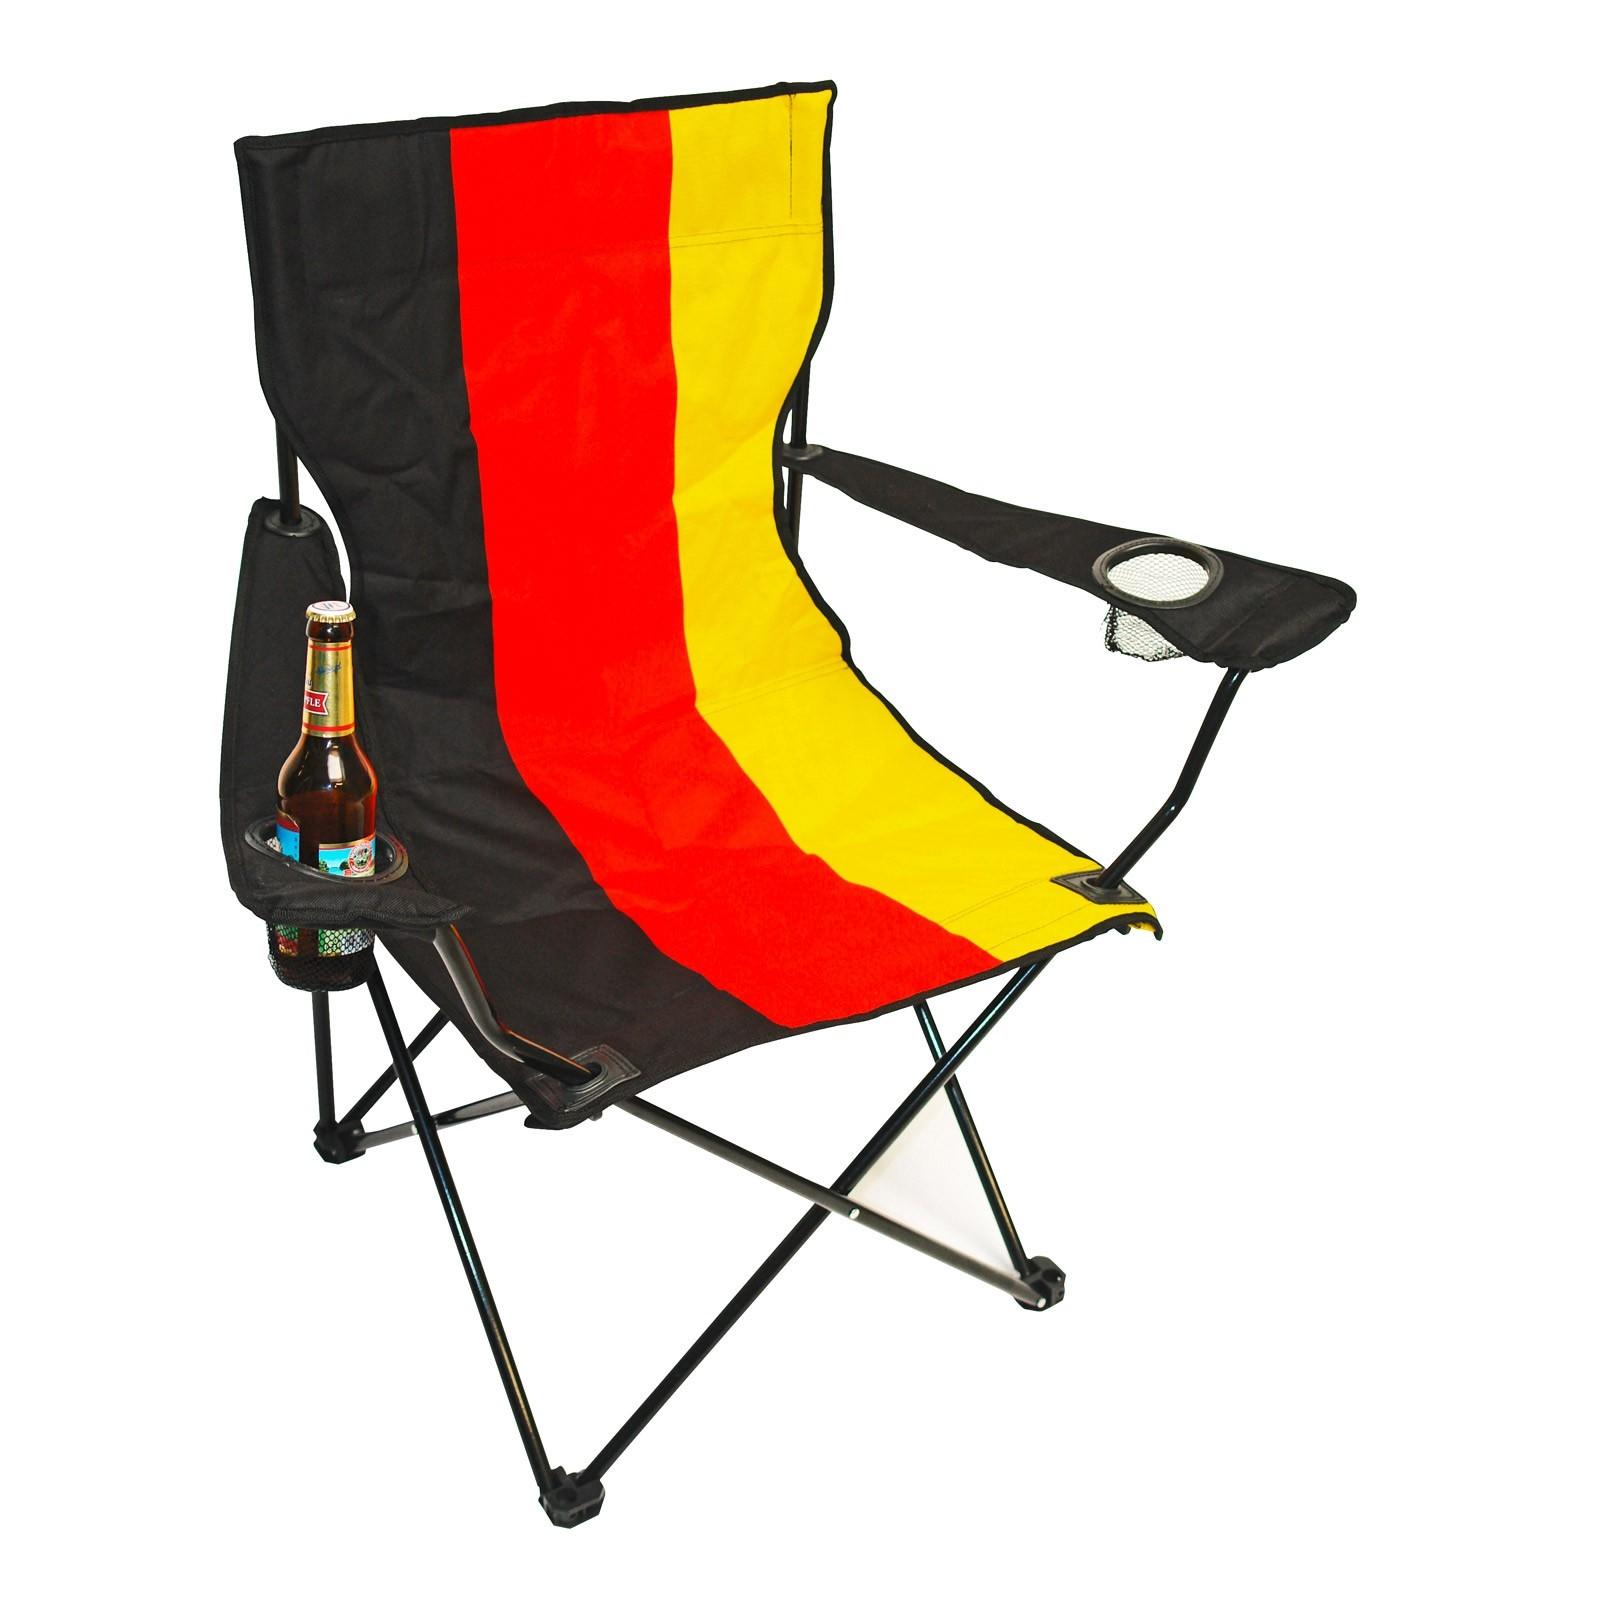 2er set campingstuhl klappstuhl faltstuhl angelstuhl. Black Bedroom Furniture Sets. Home Design Ideas